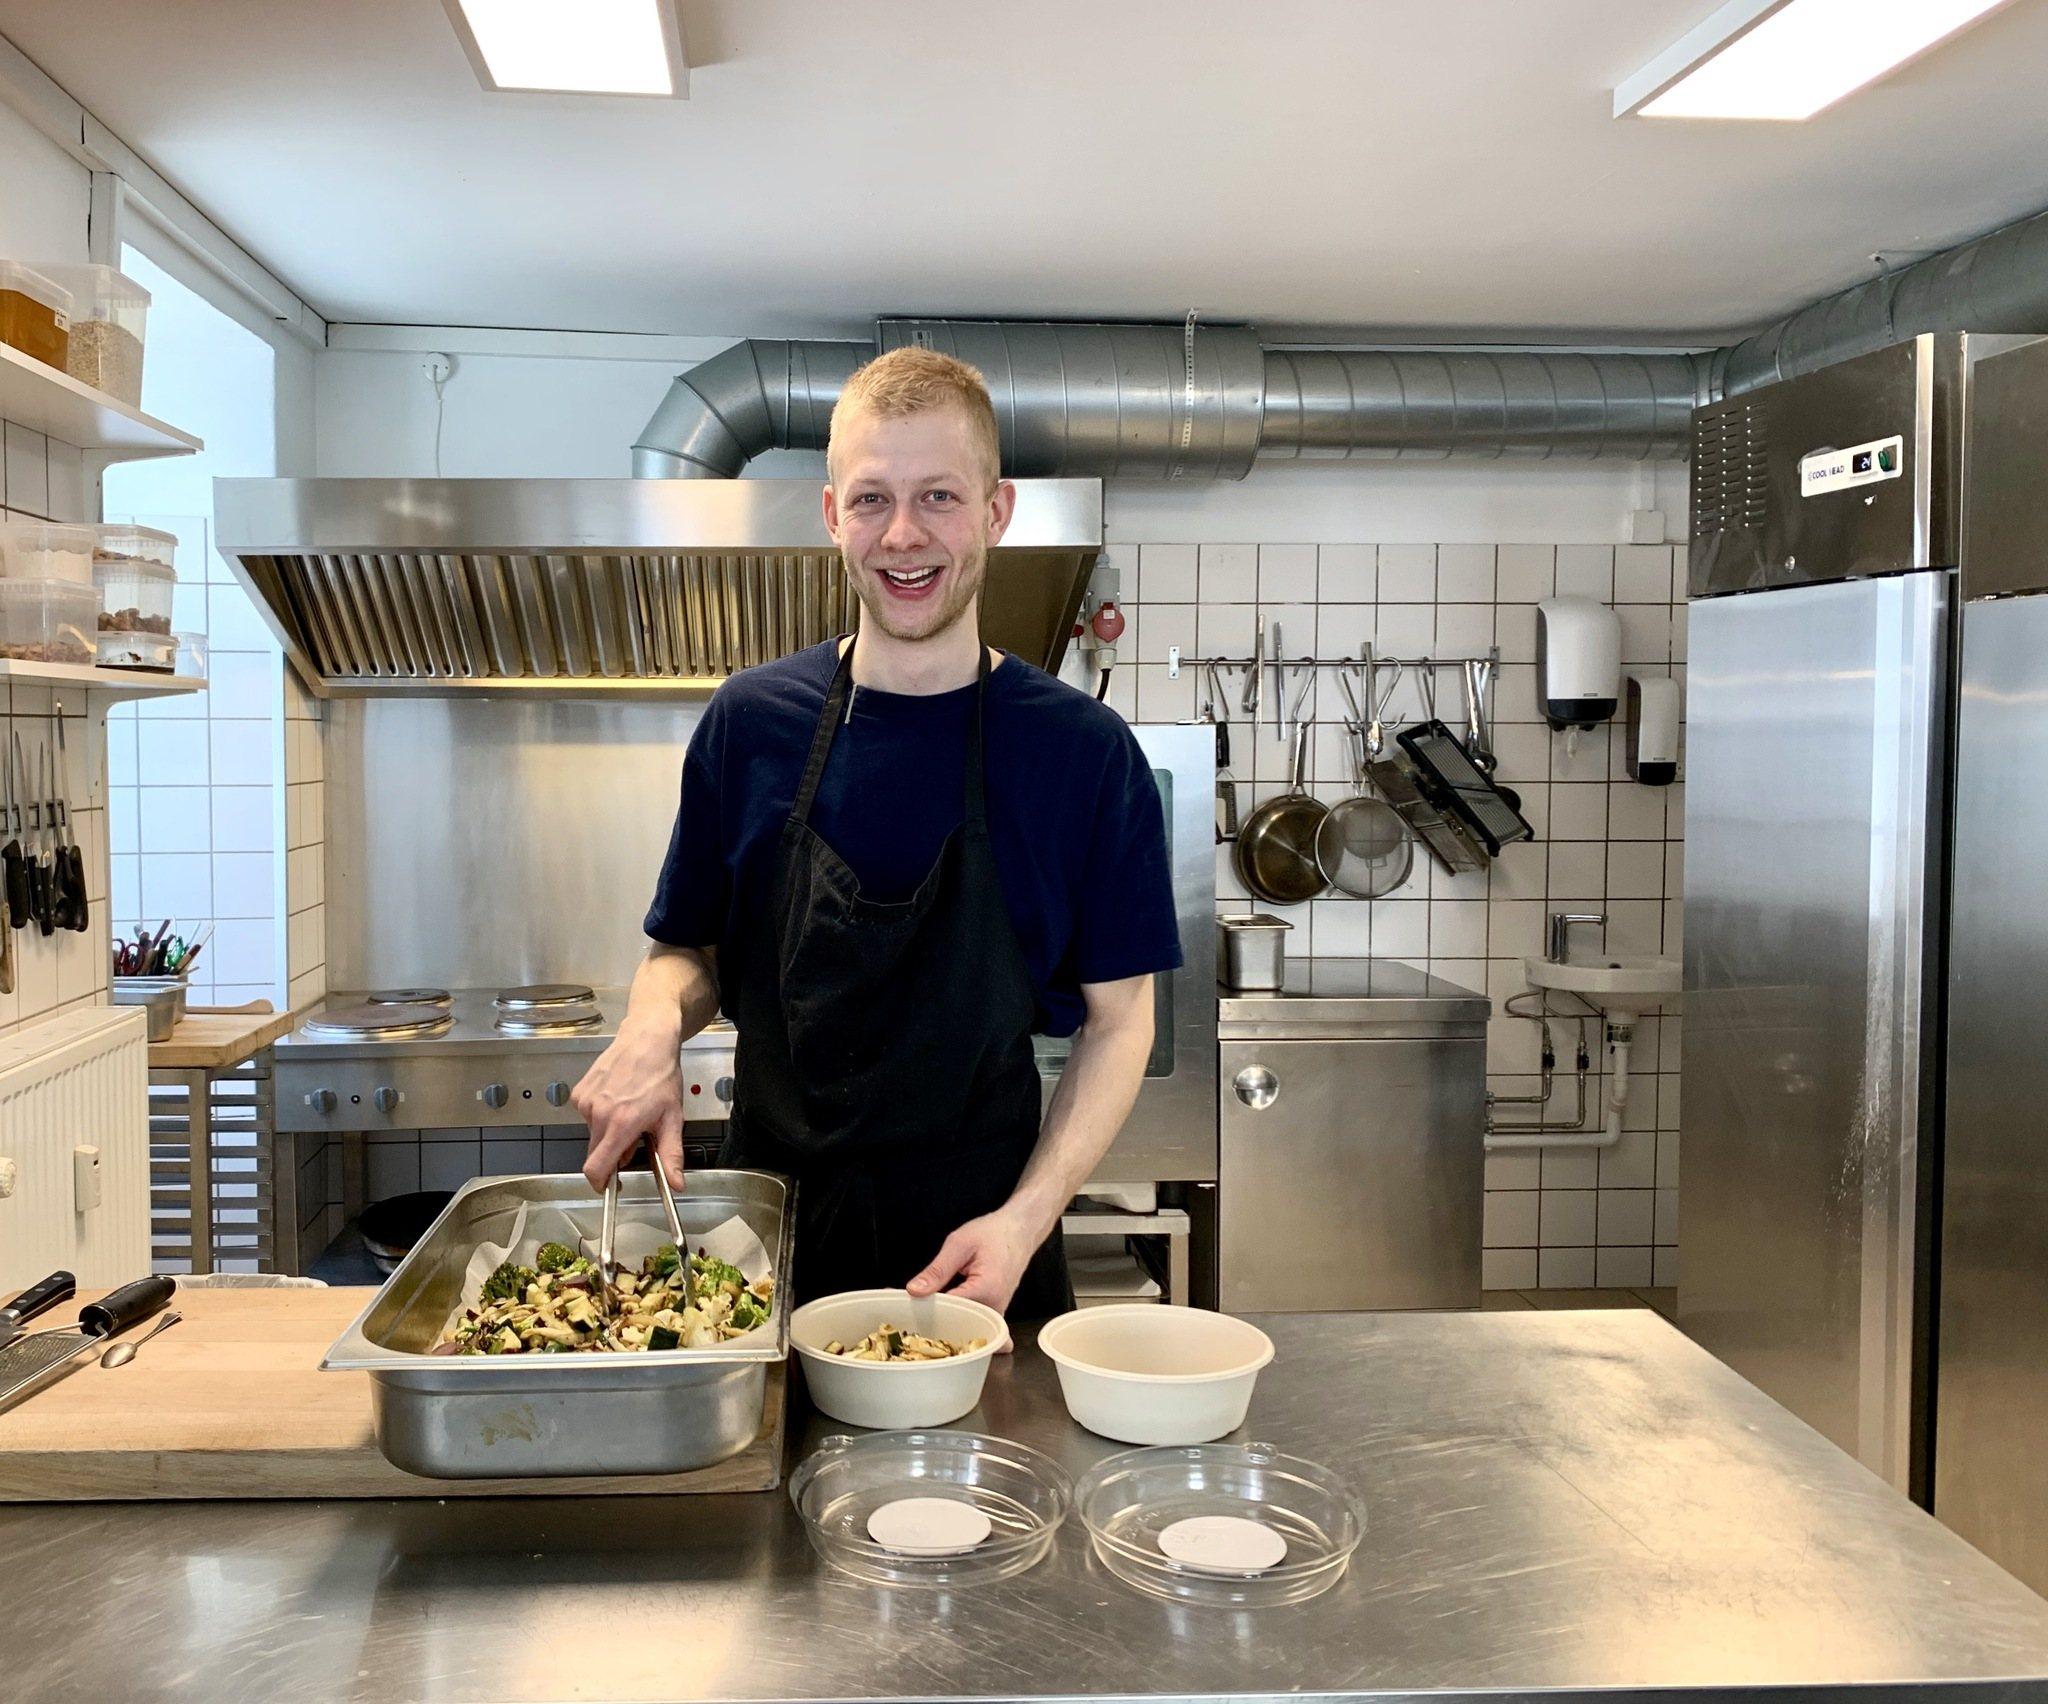 Vis mig dit køleskab: Olivier - selvlært kok, bæredygtighed og stop madspild 5